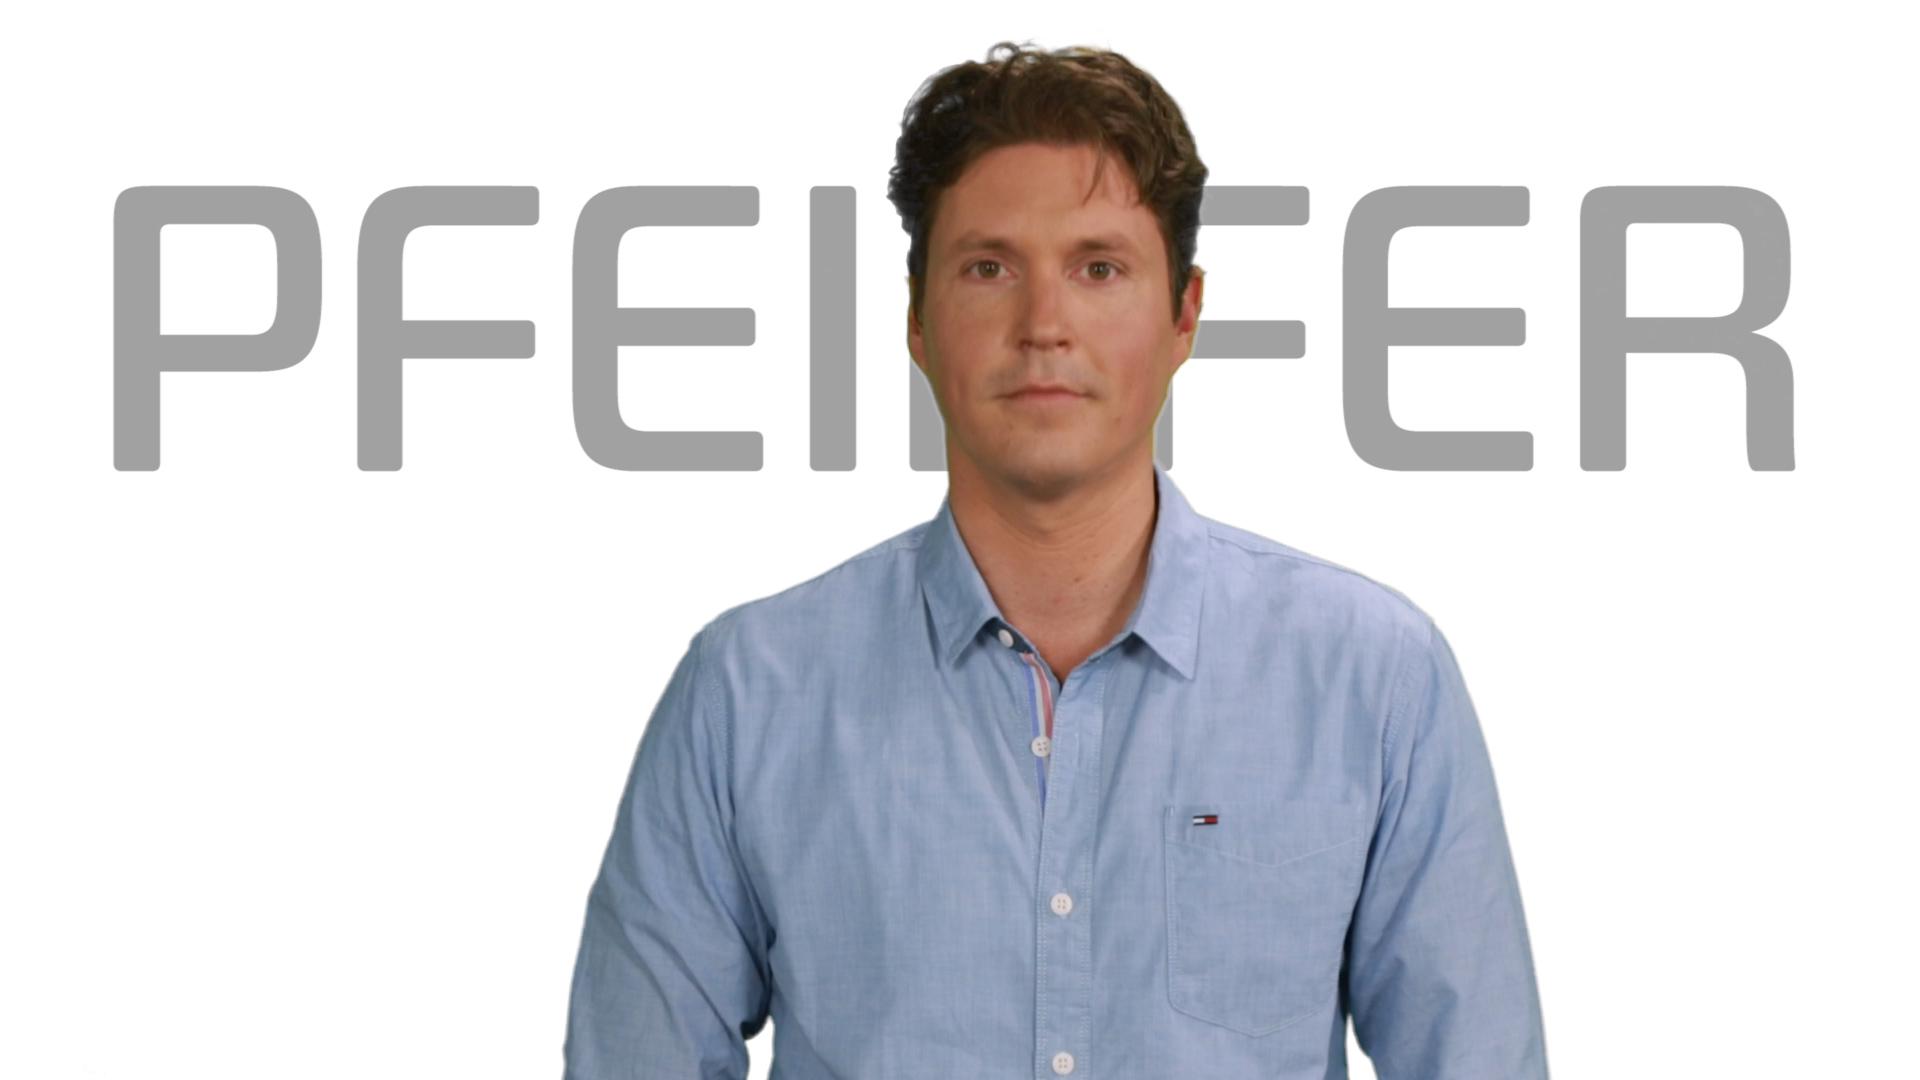 Bekijk de video: Ziekte van Pfeiffer